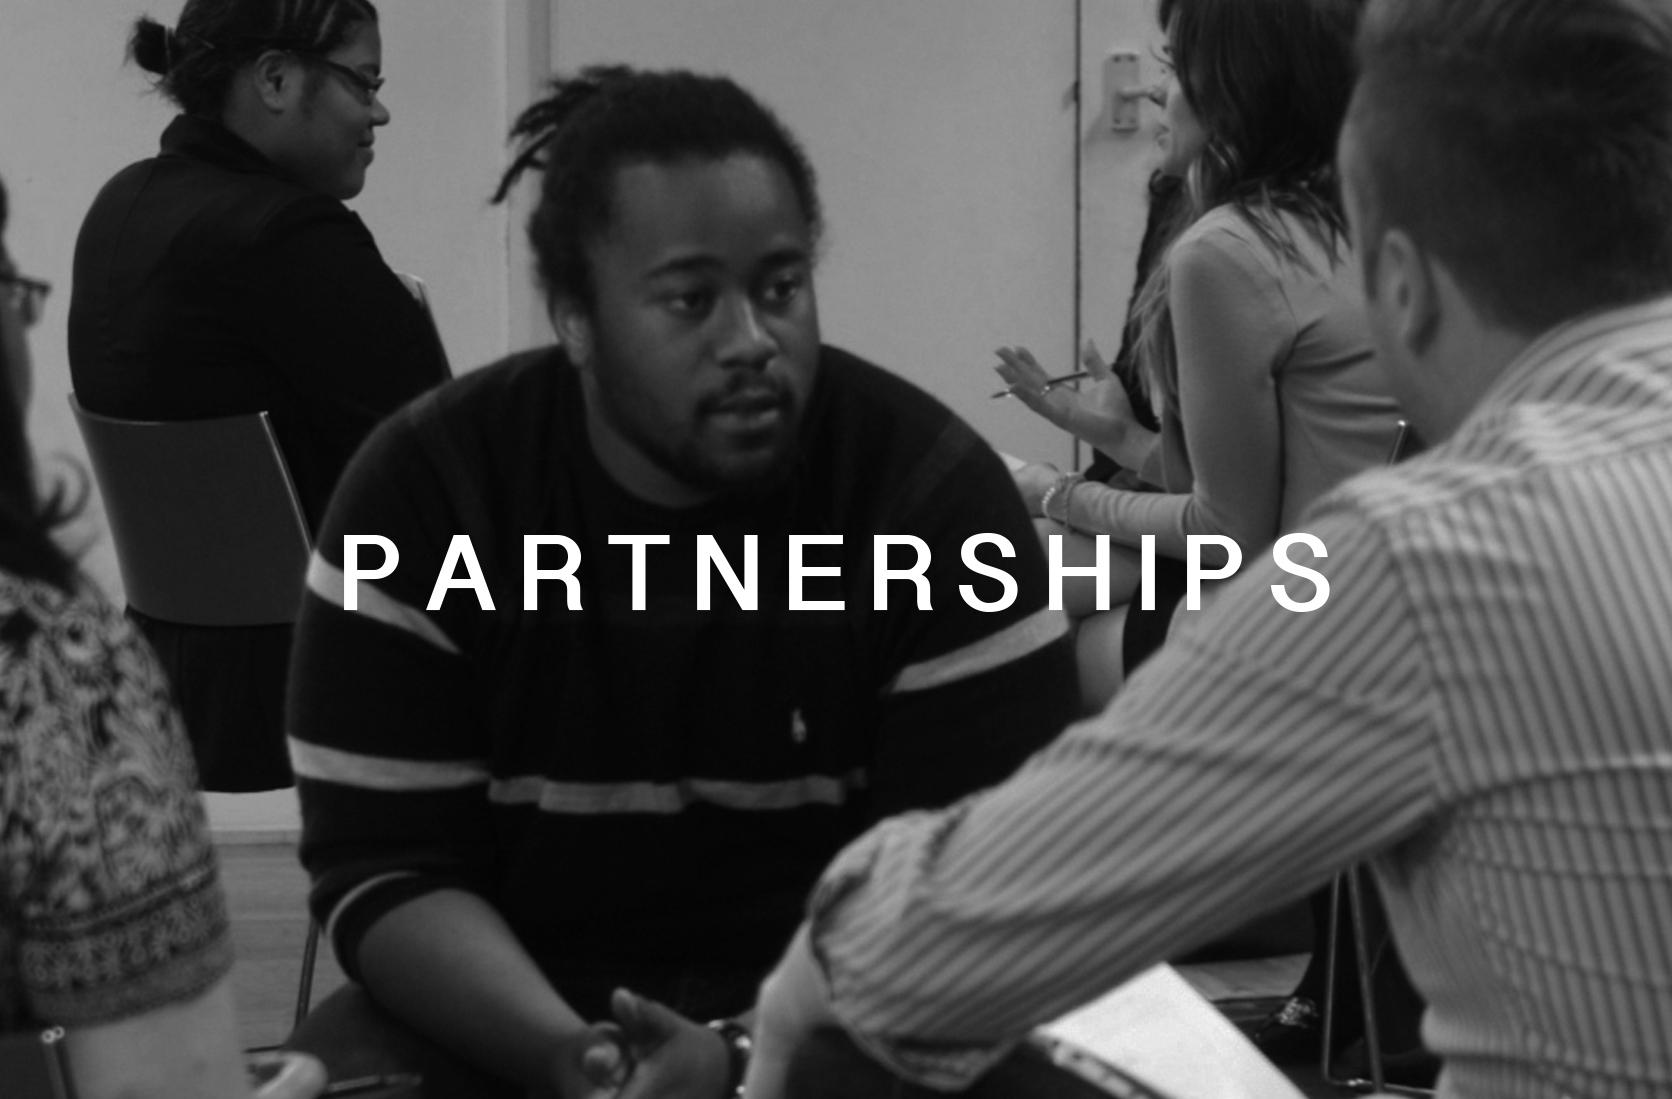 PartnershipsBanner.jpg